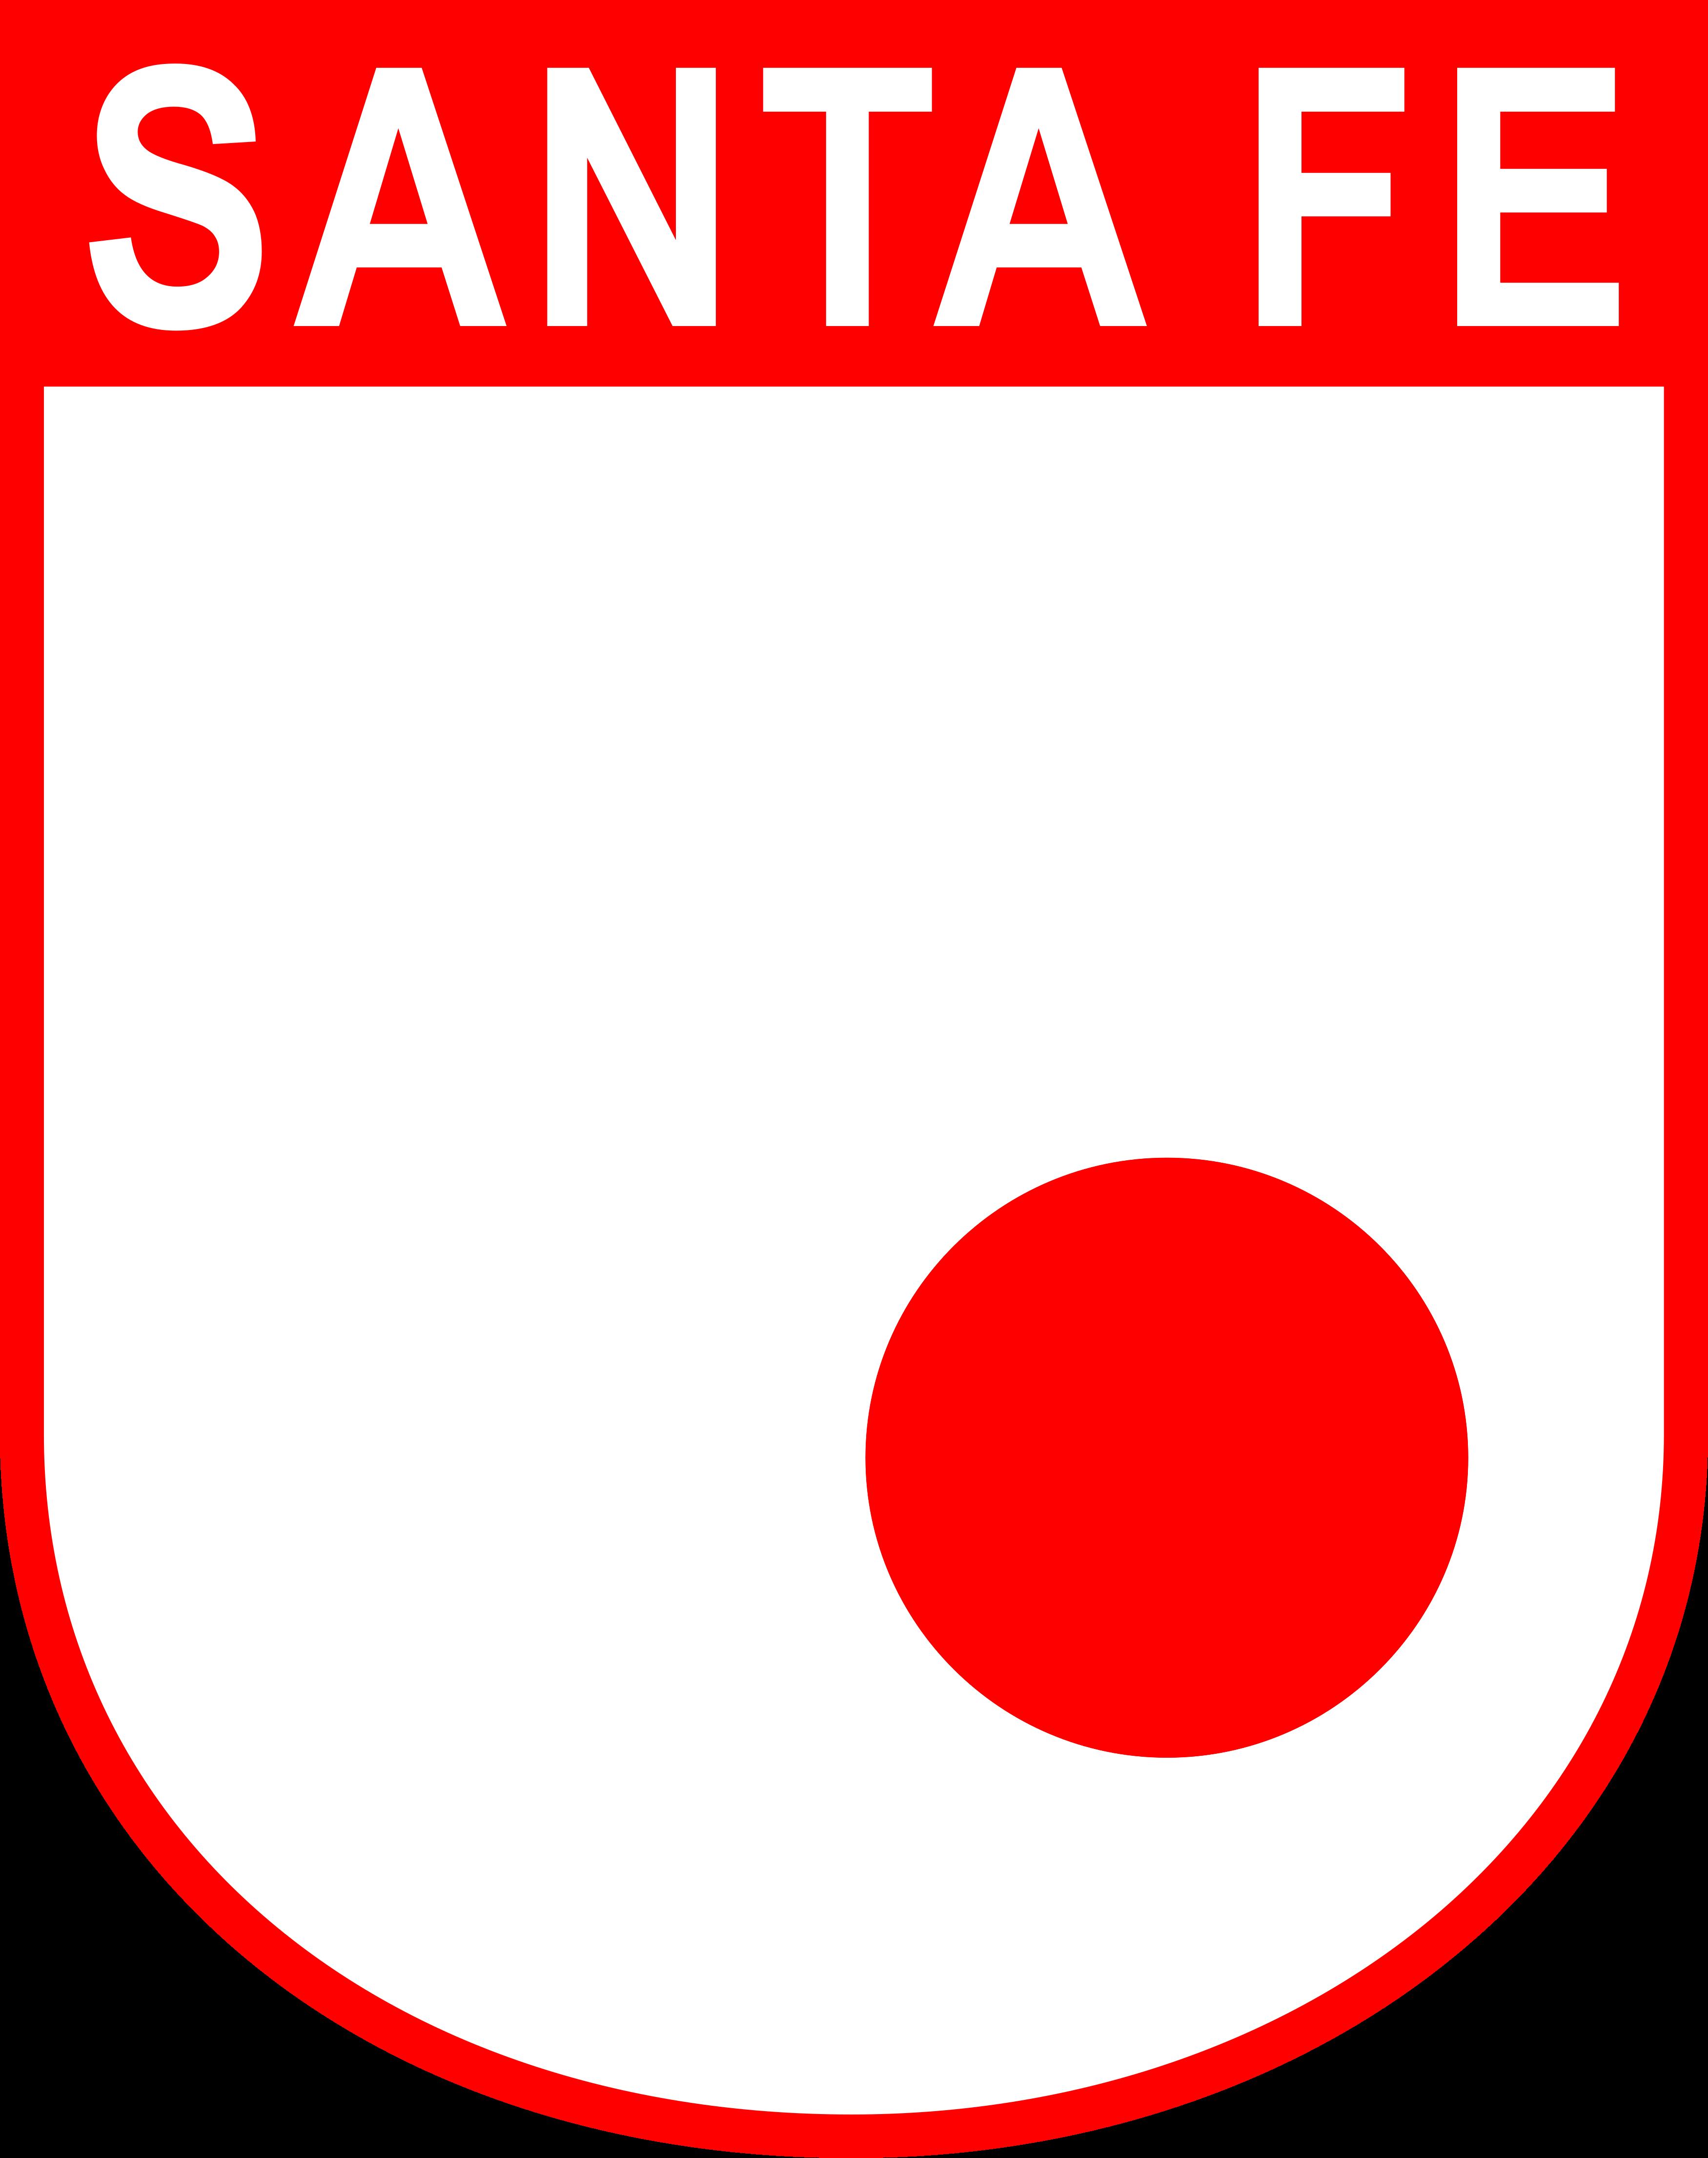 Santa Fe logo escudo.